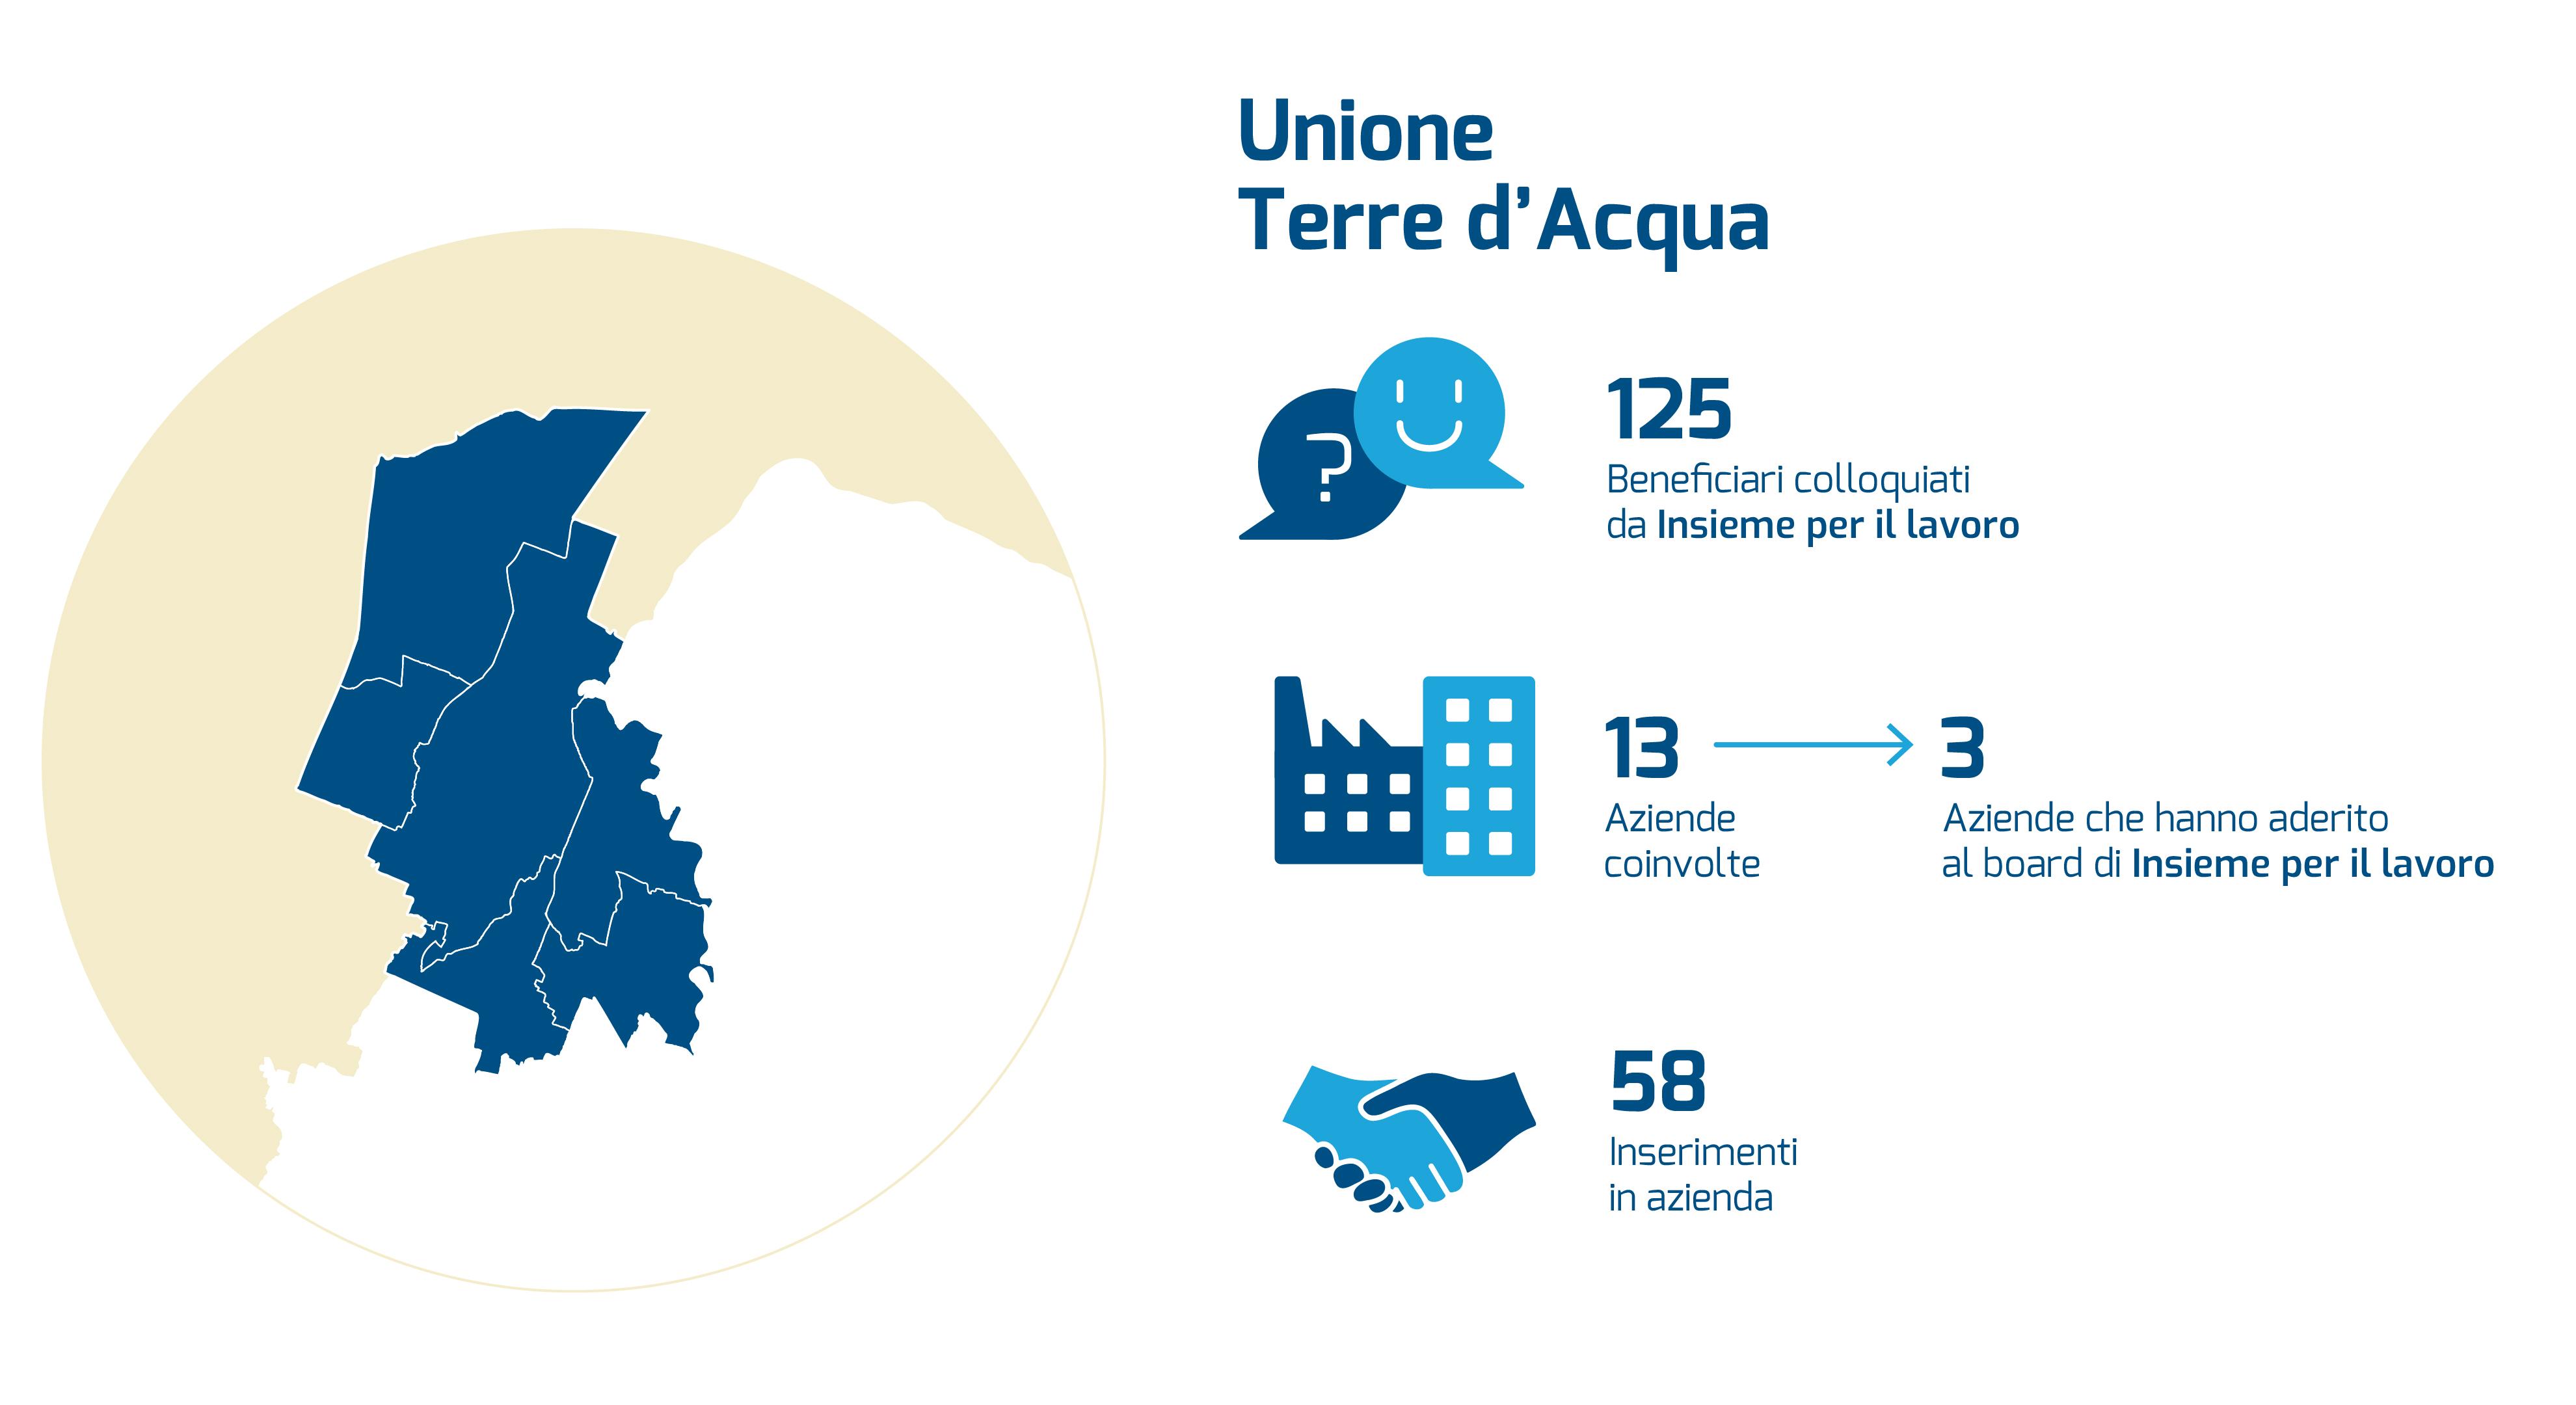 info-grafica Unione Terre d'Acqua